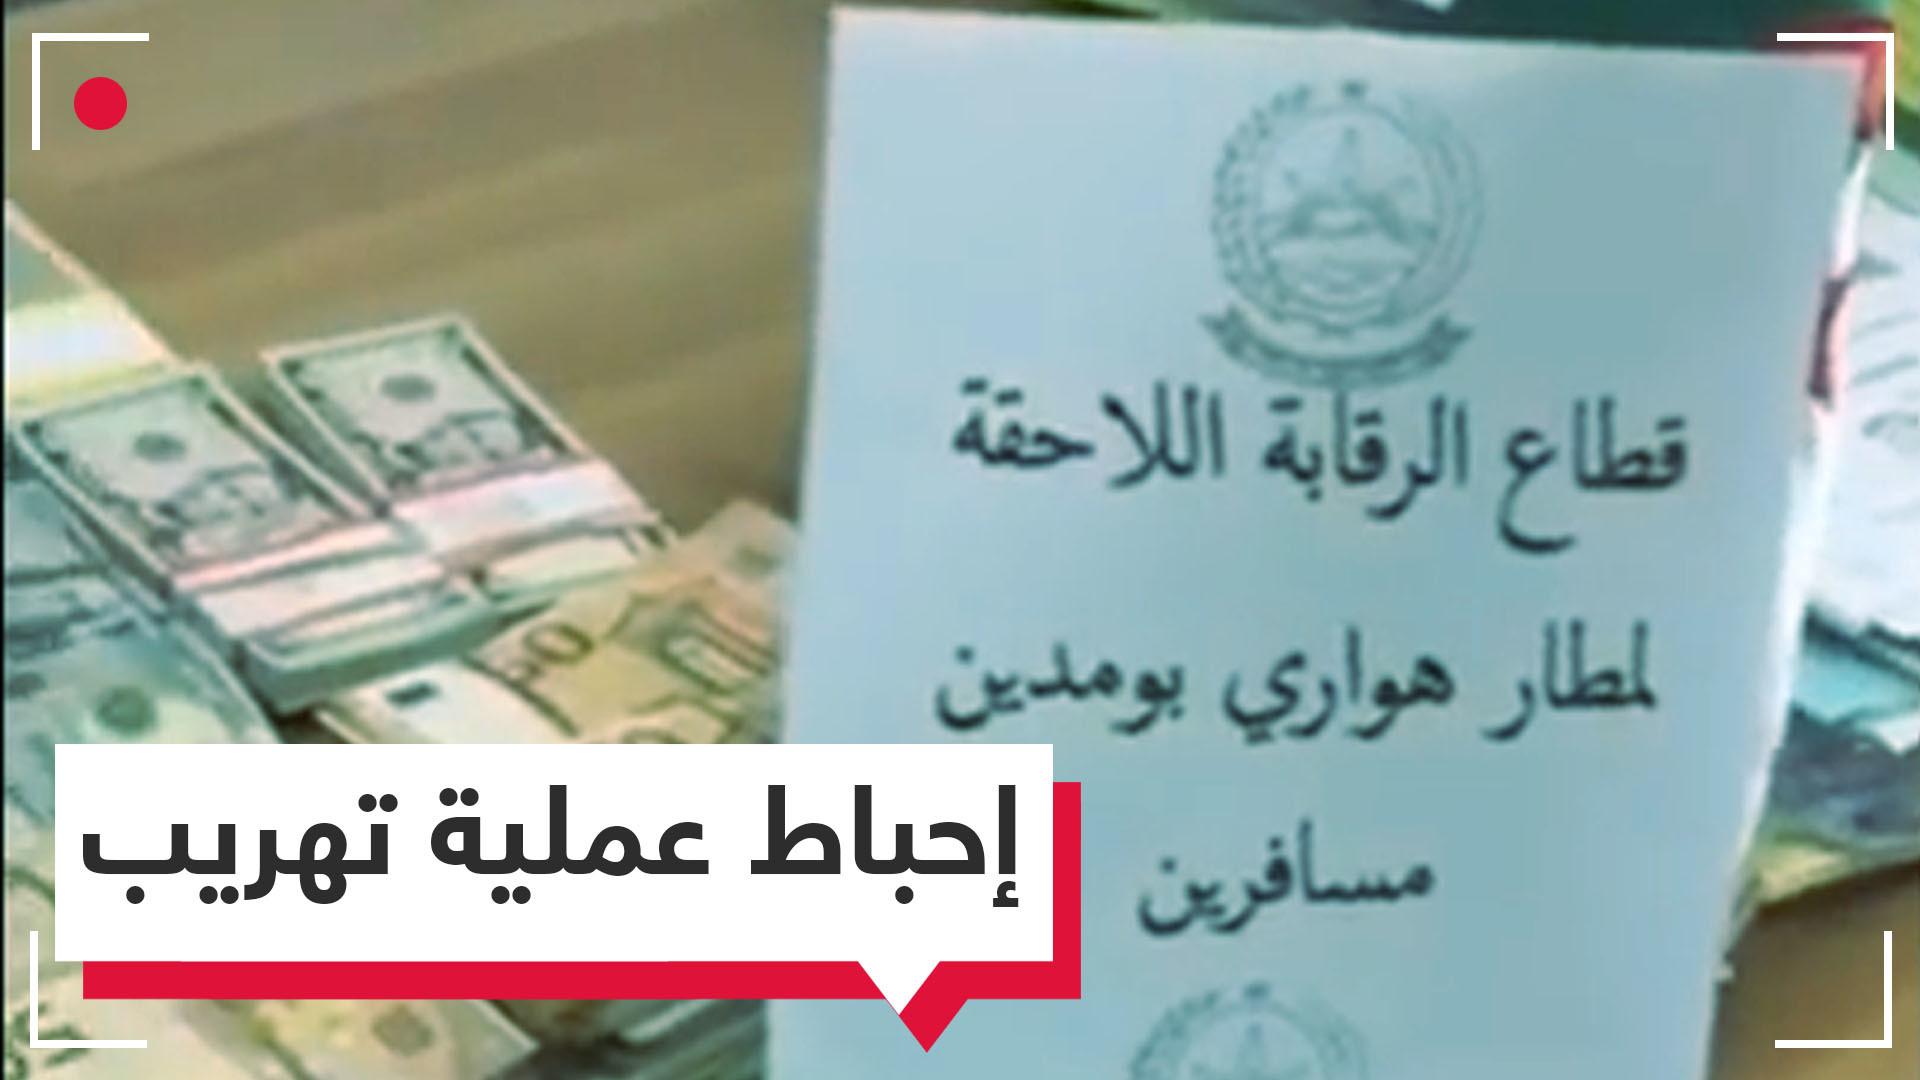 إحباط محاولة تهريب 570 ألف يورو في مطار هواري بومدين بالجزائر